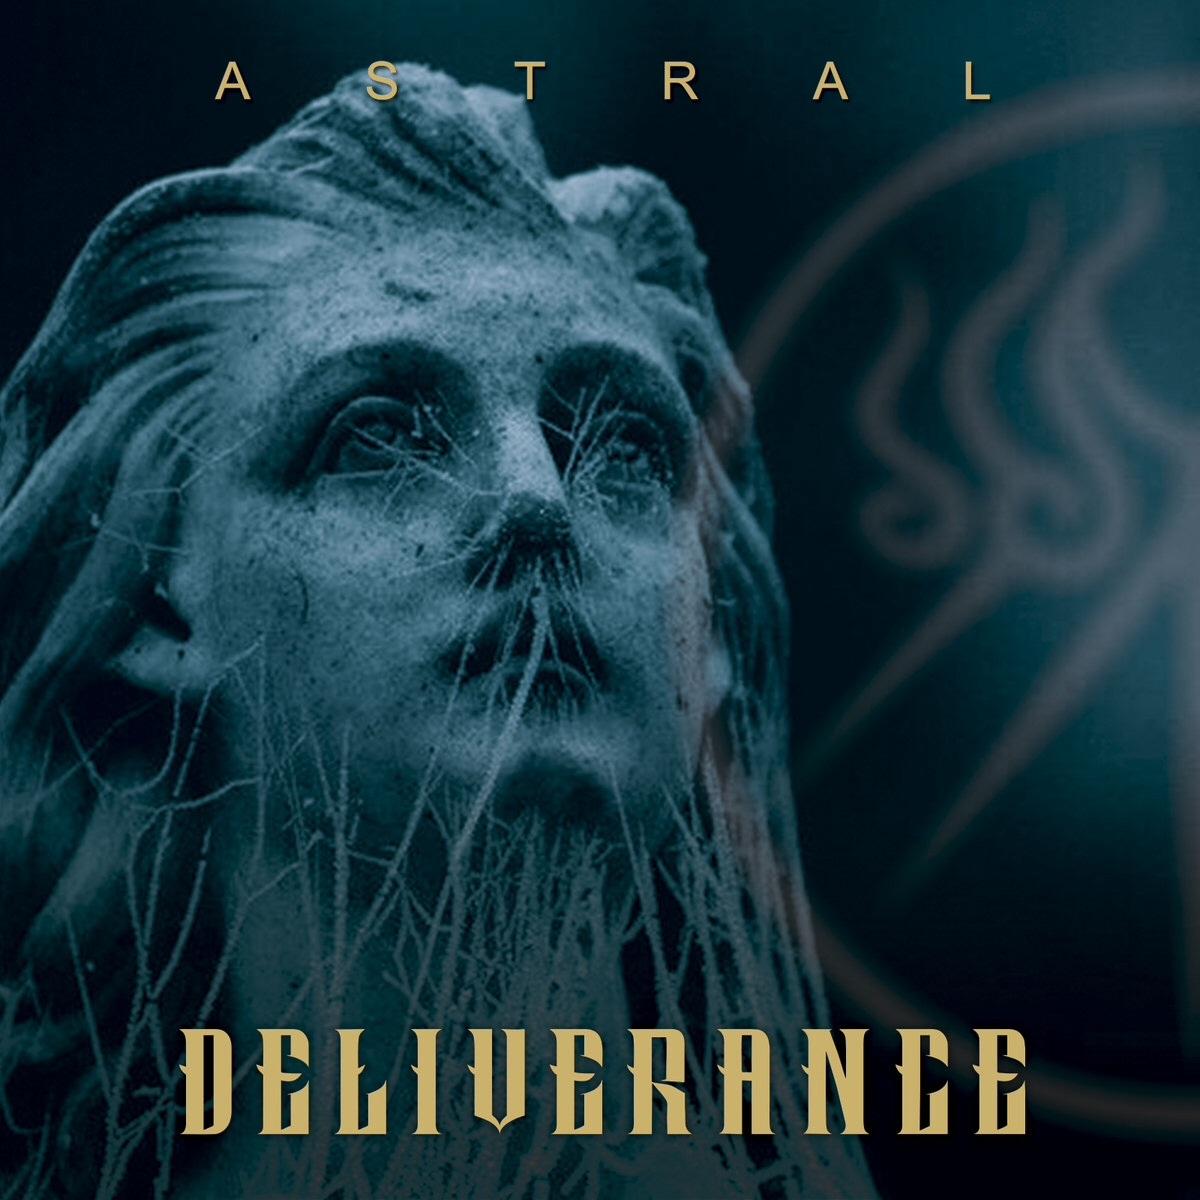 Deliverance – Astral